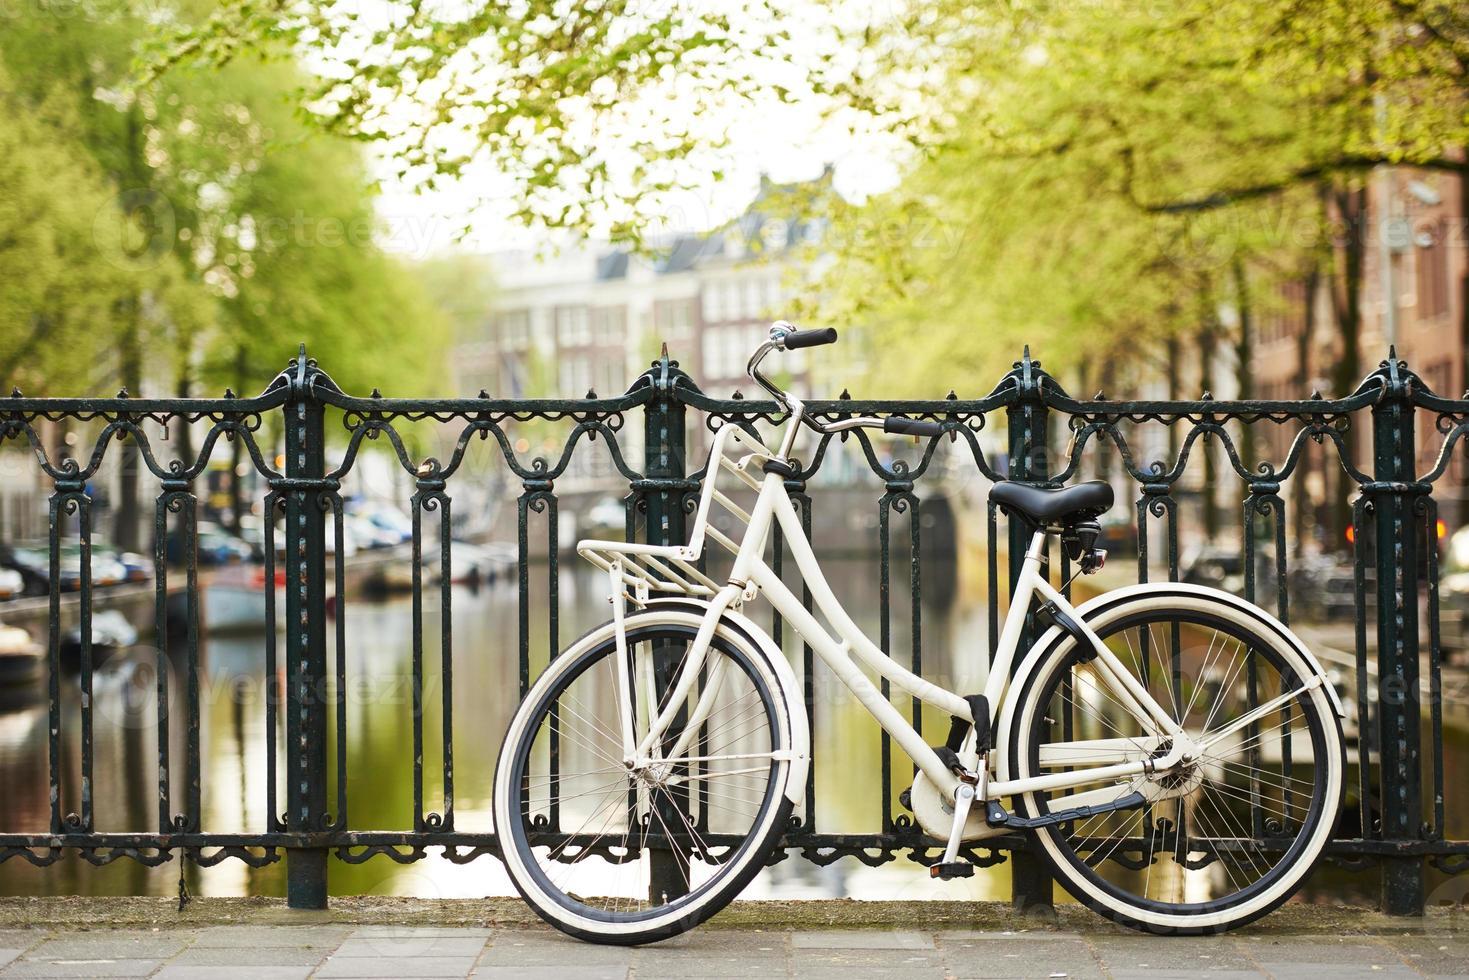 Fahrrad auf der Amsterdam Street in der Stadt foto